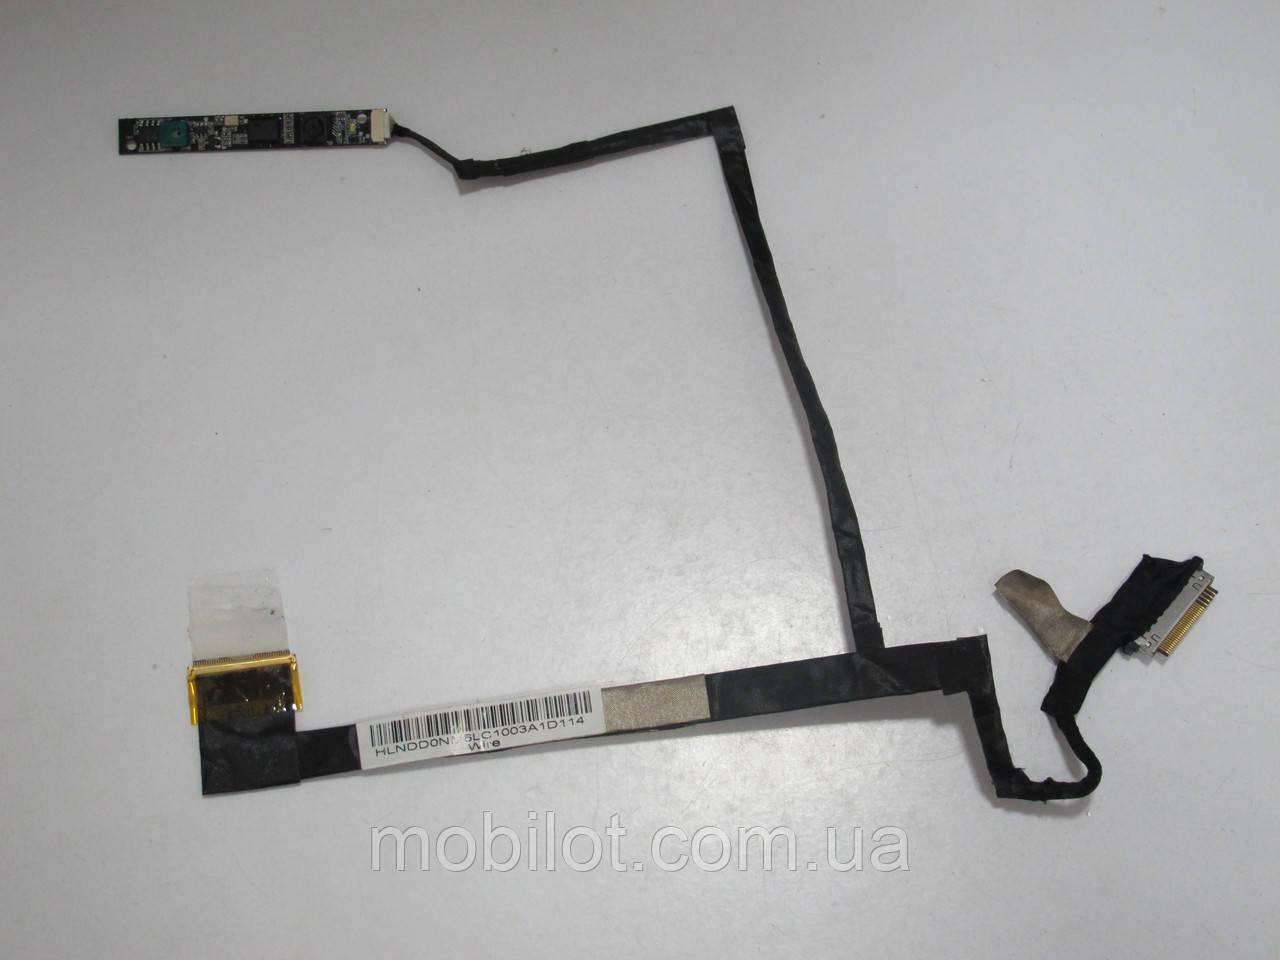 Шлейф матрицы HP mini 210-1090 (NZ-6987)